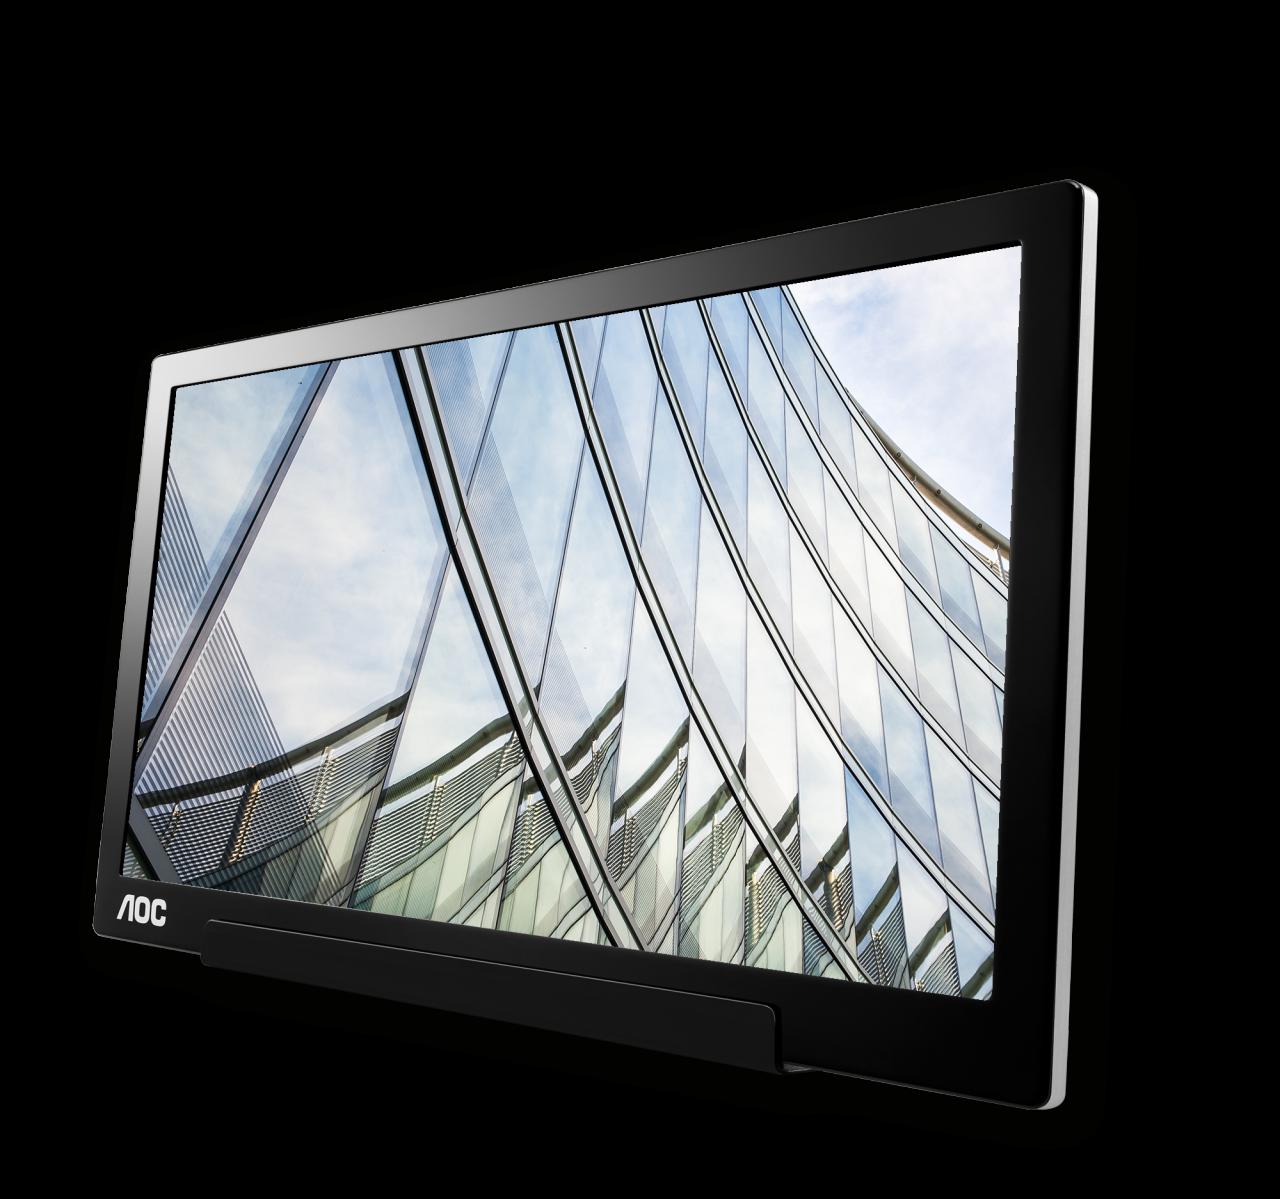 """AOC annuncia il suo nuovo monitor portatile da 15,6"""" dotato di porta USB Tipo C (foto e video)"""